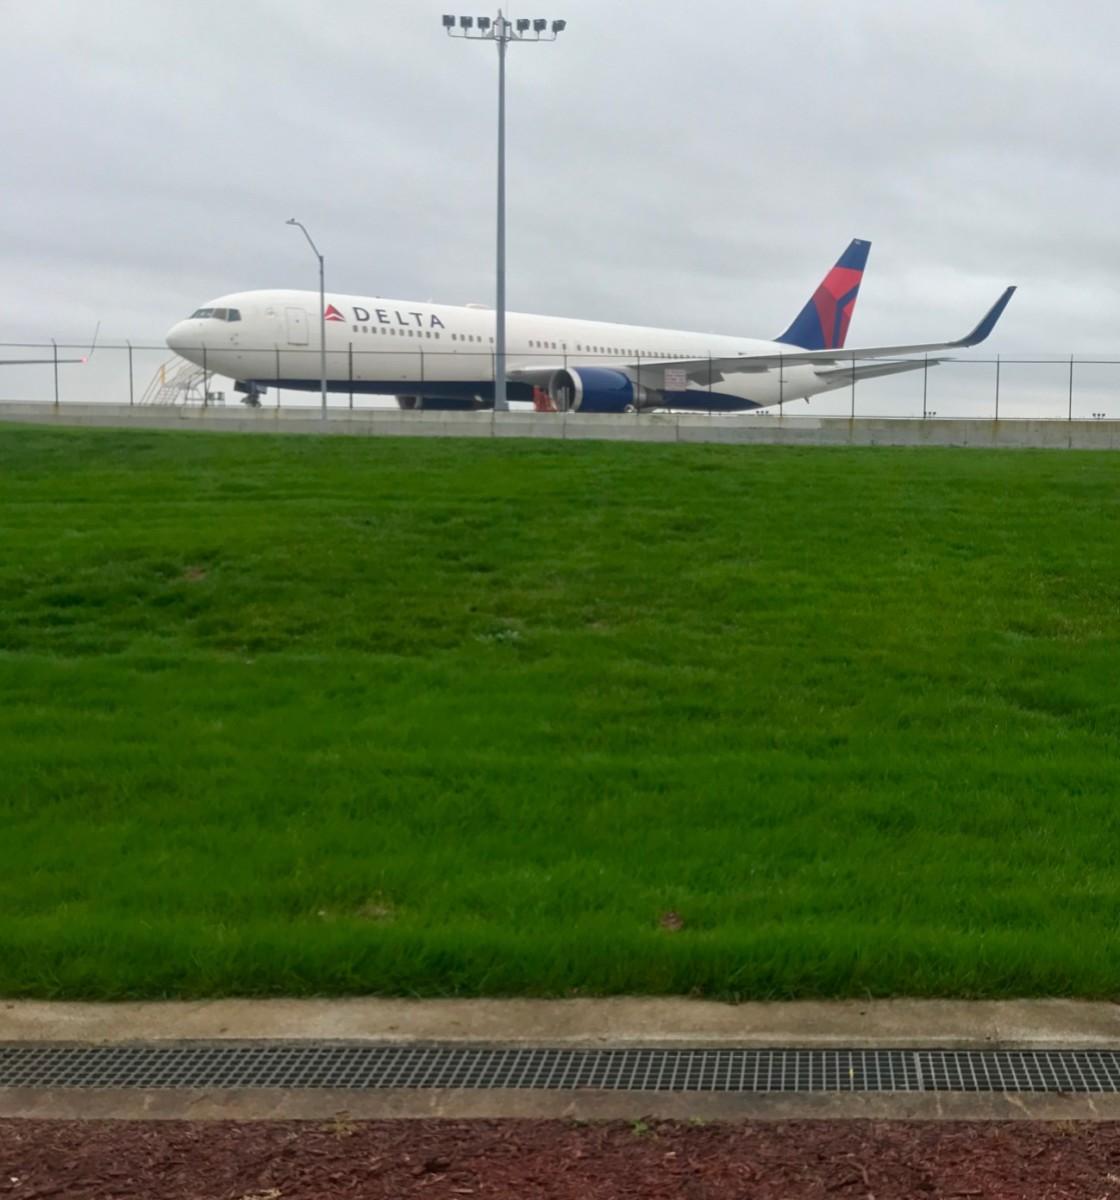 Delta on runway